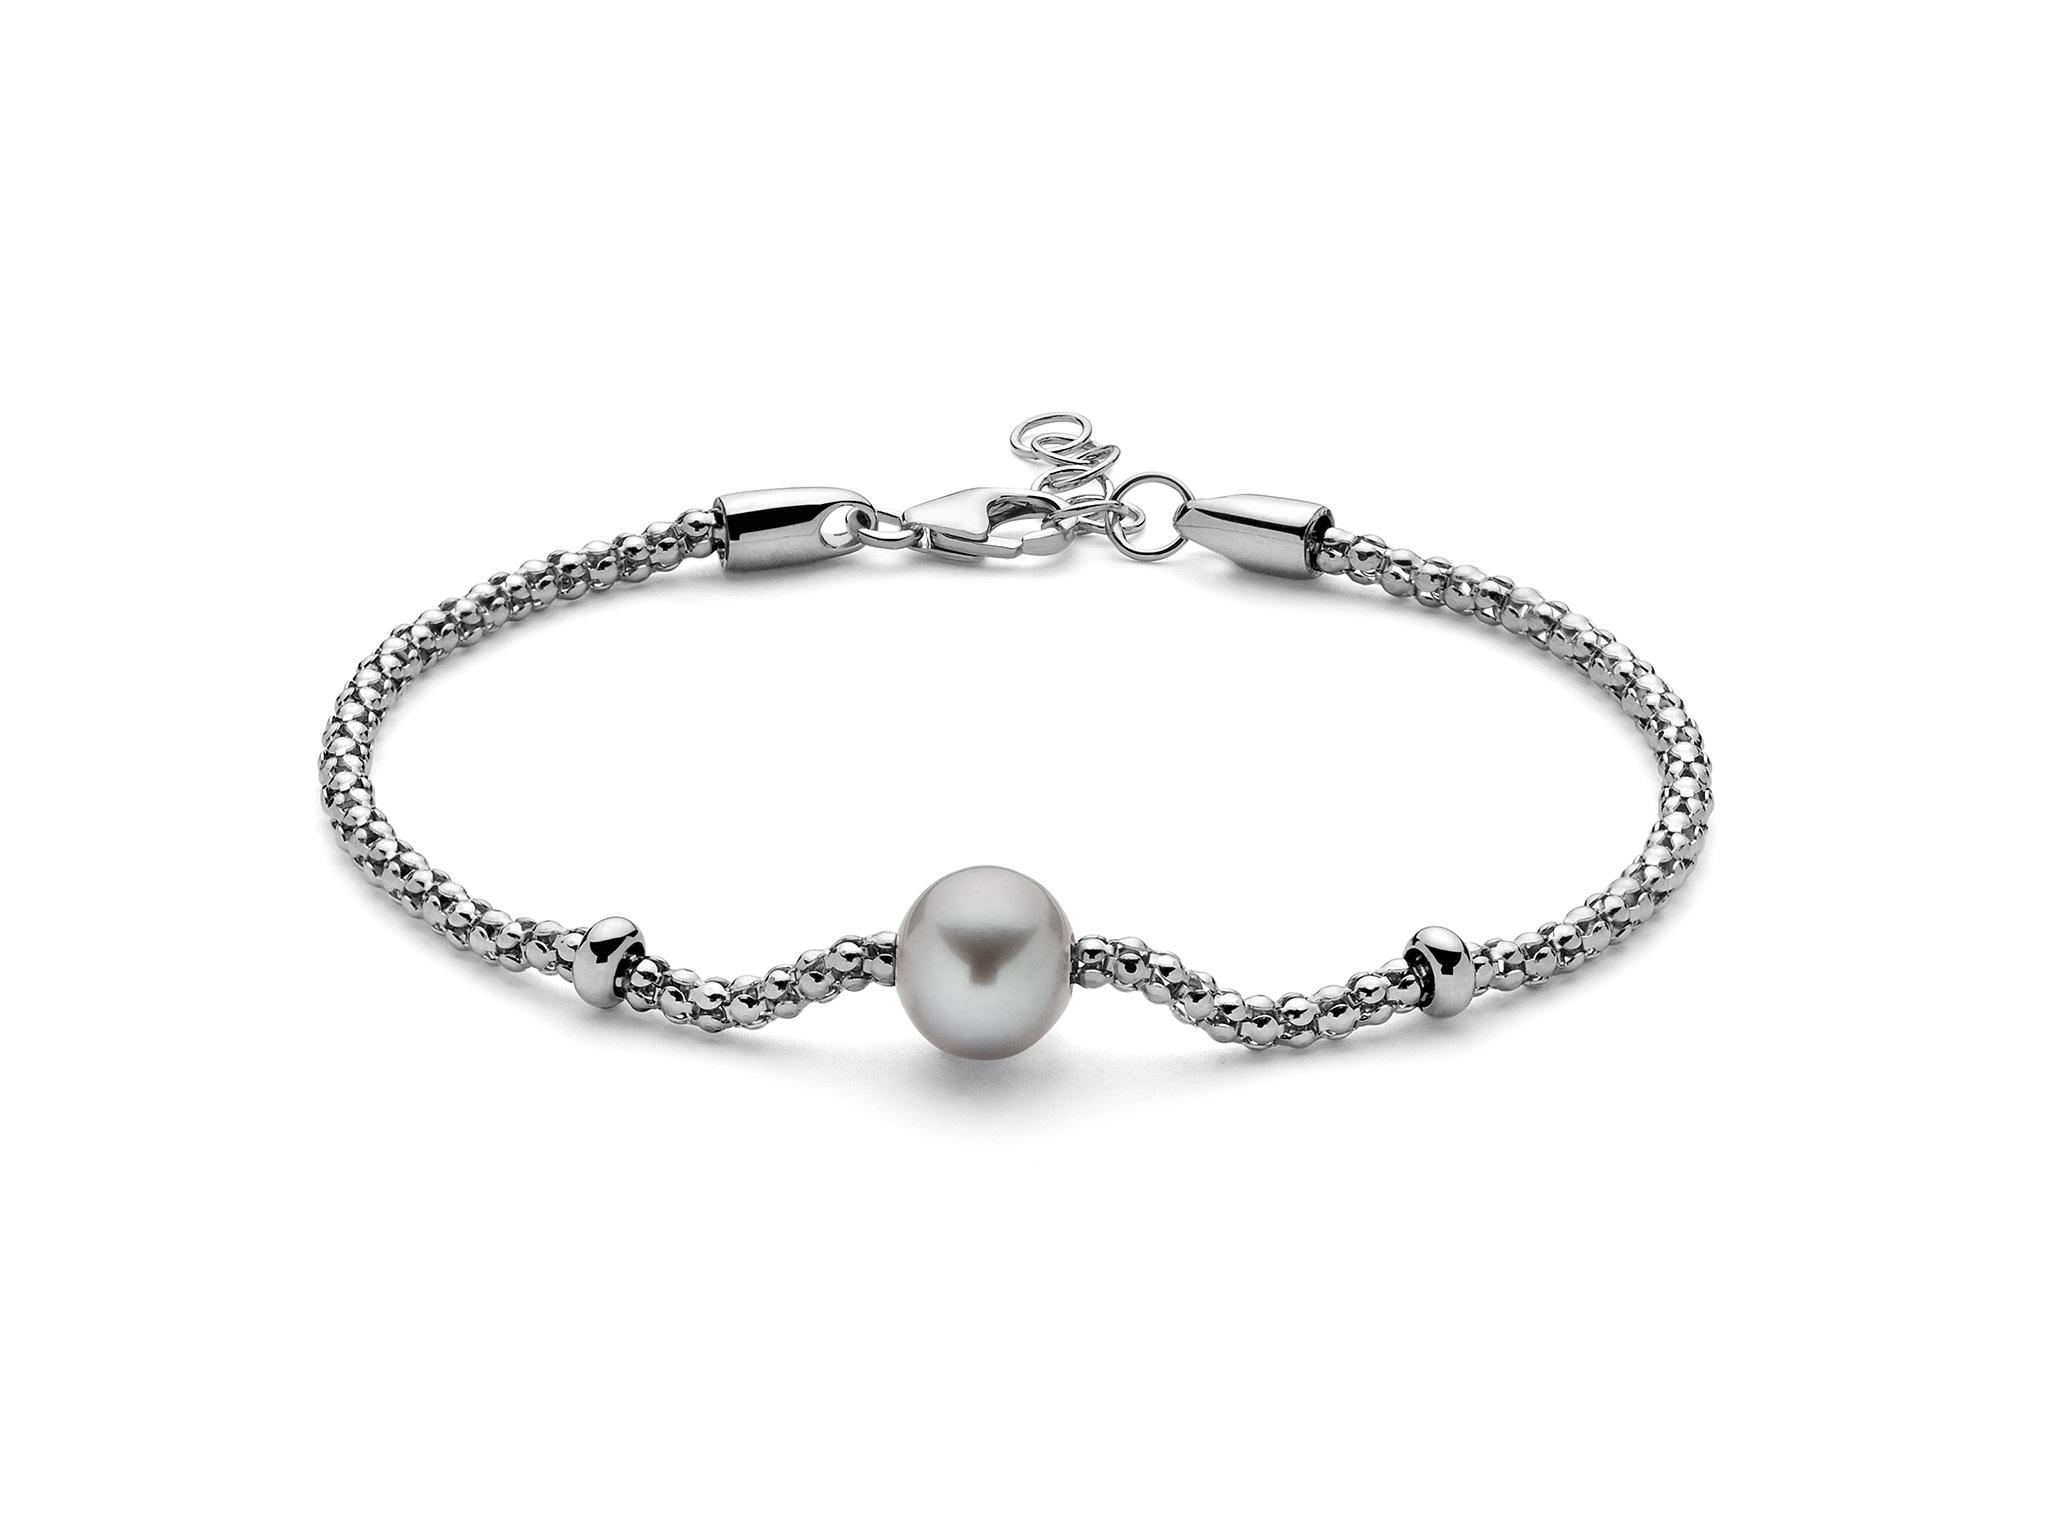 Bracciale con maglia coreana, in argento con centrale di perla - PBR3025